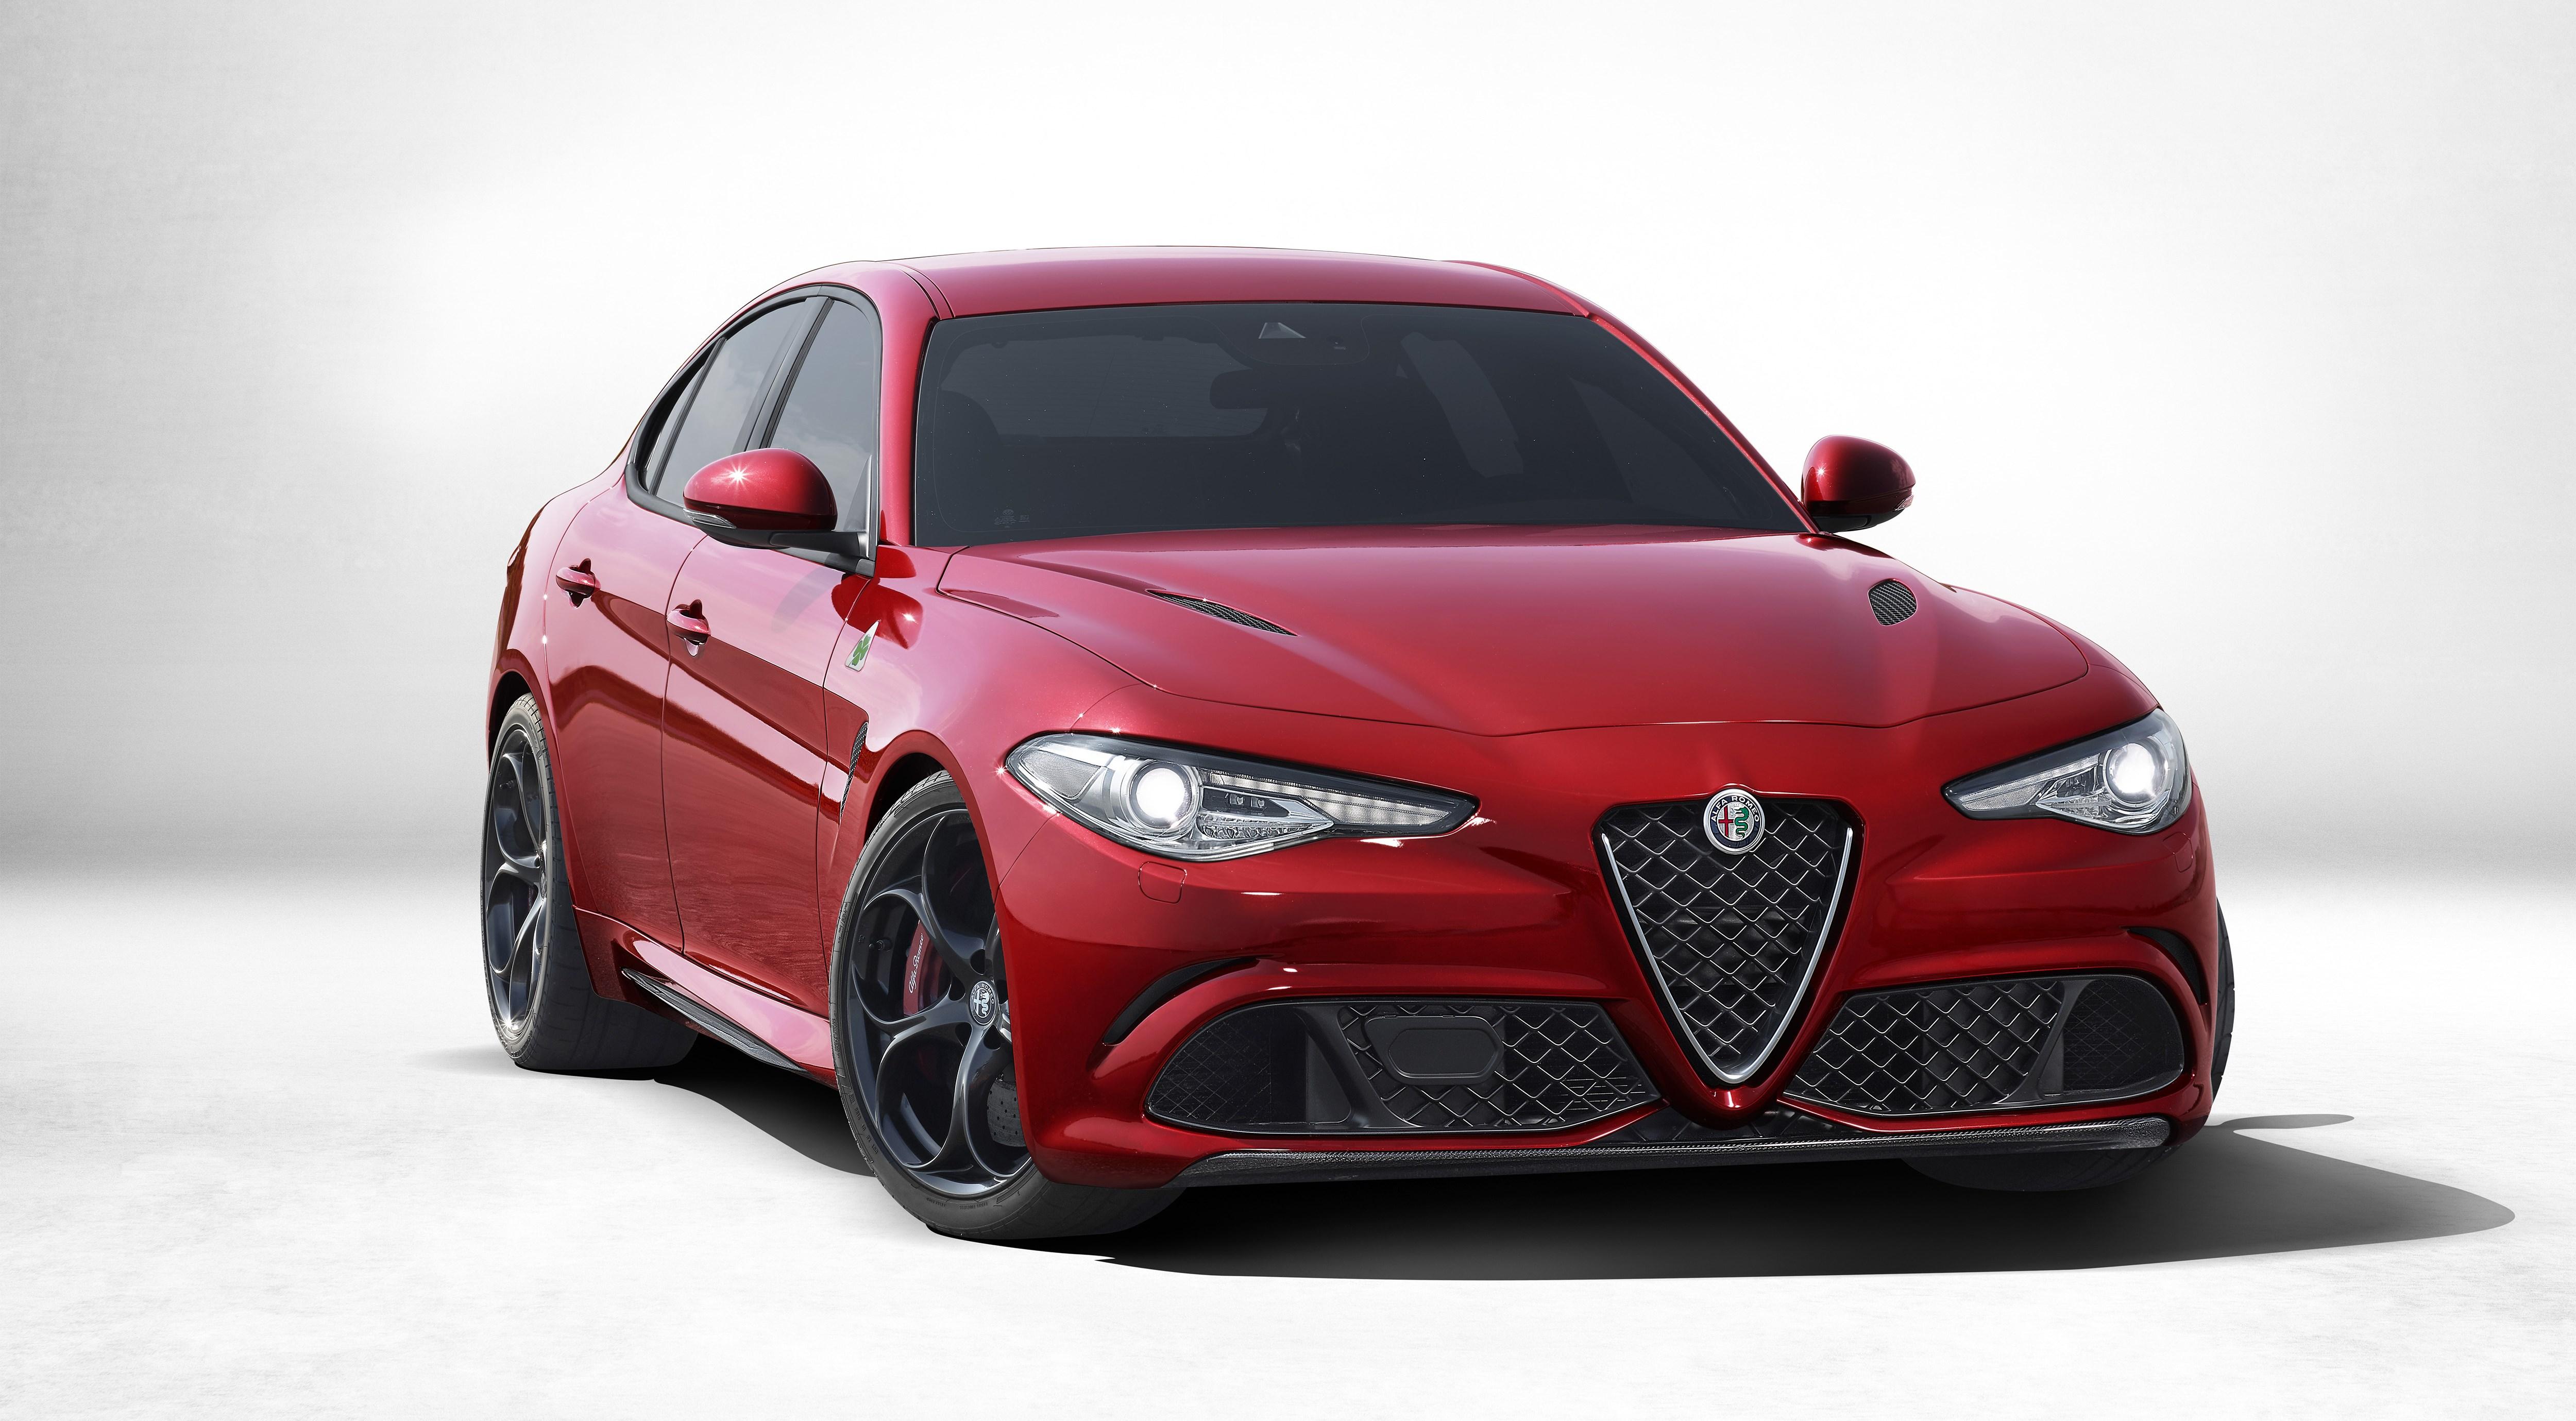 Alfa Romeo Giuliaの限定車 Quadrifoglio Carbonio を発売 アルファ